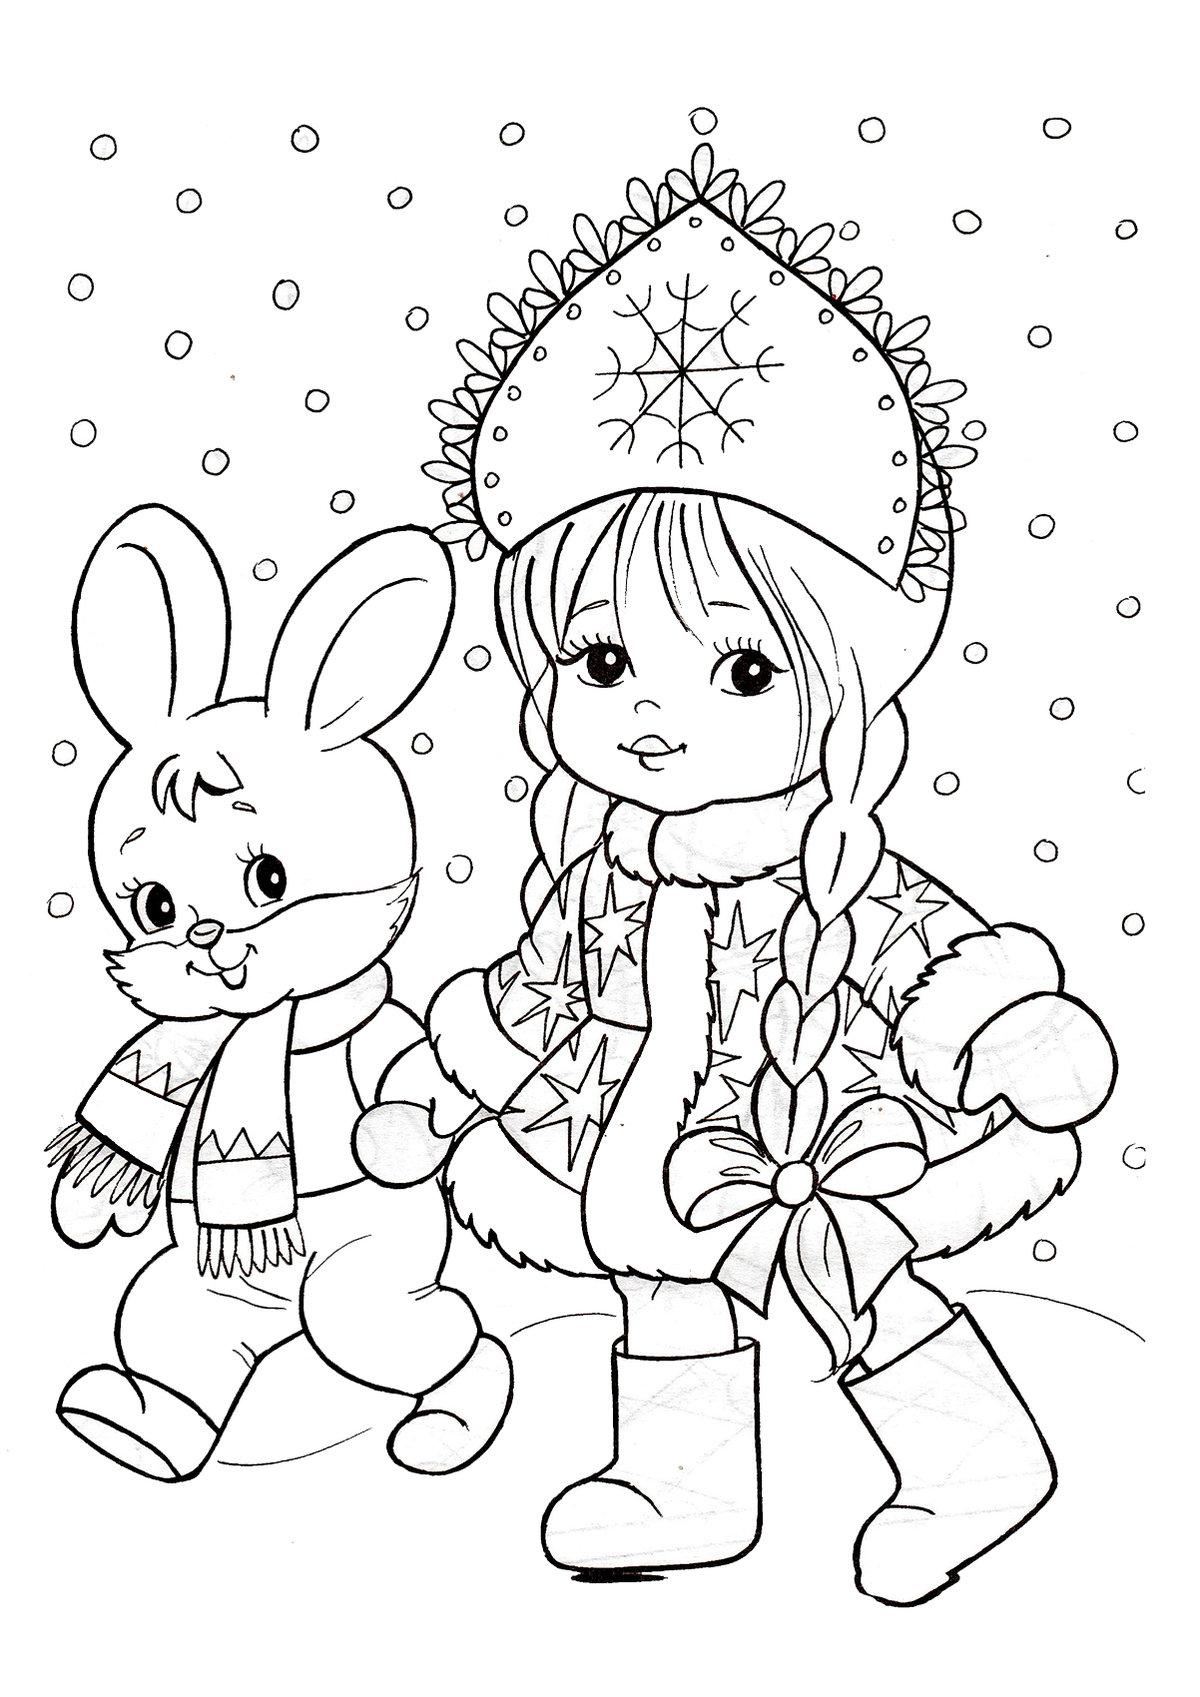 Поздравление, новогодние картинки для девочек для срисовки